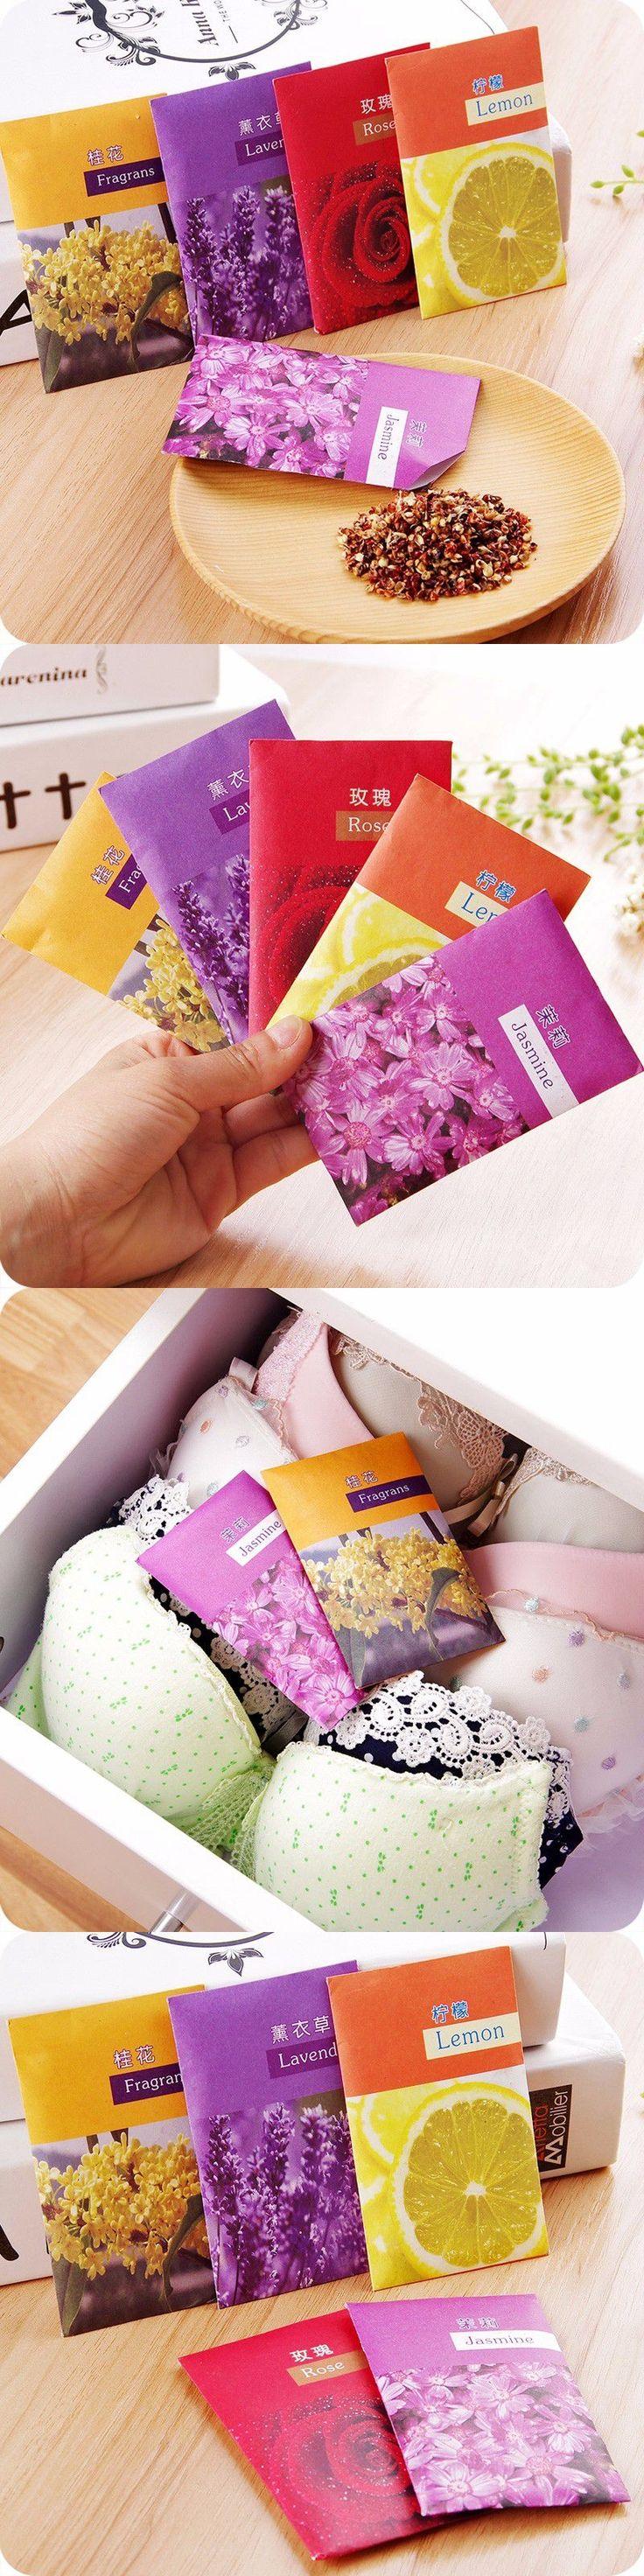 1pc Deodorant Wardrobe Closet Sachets Car Sachet Dried Clothes Damp Mildew Odor Fragrance Sachet Olor Refrigerador